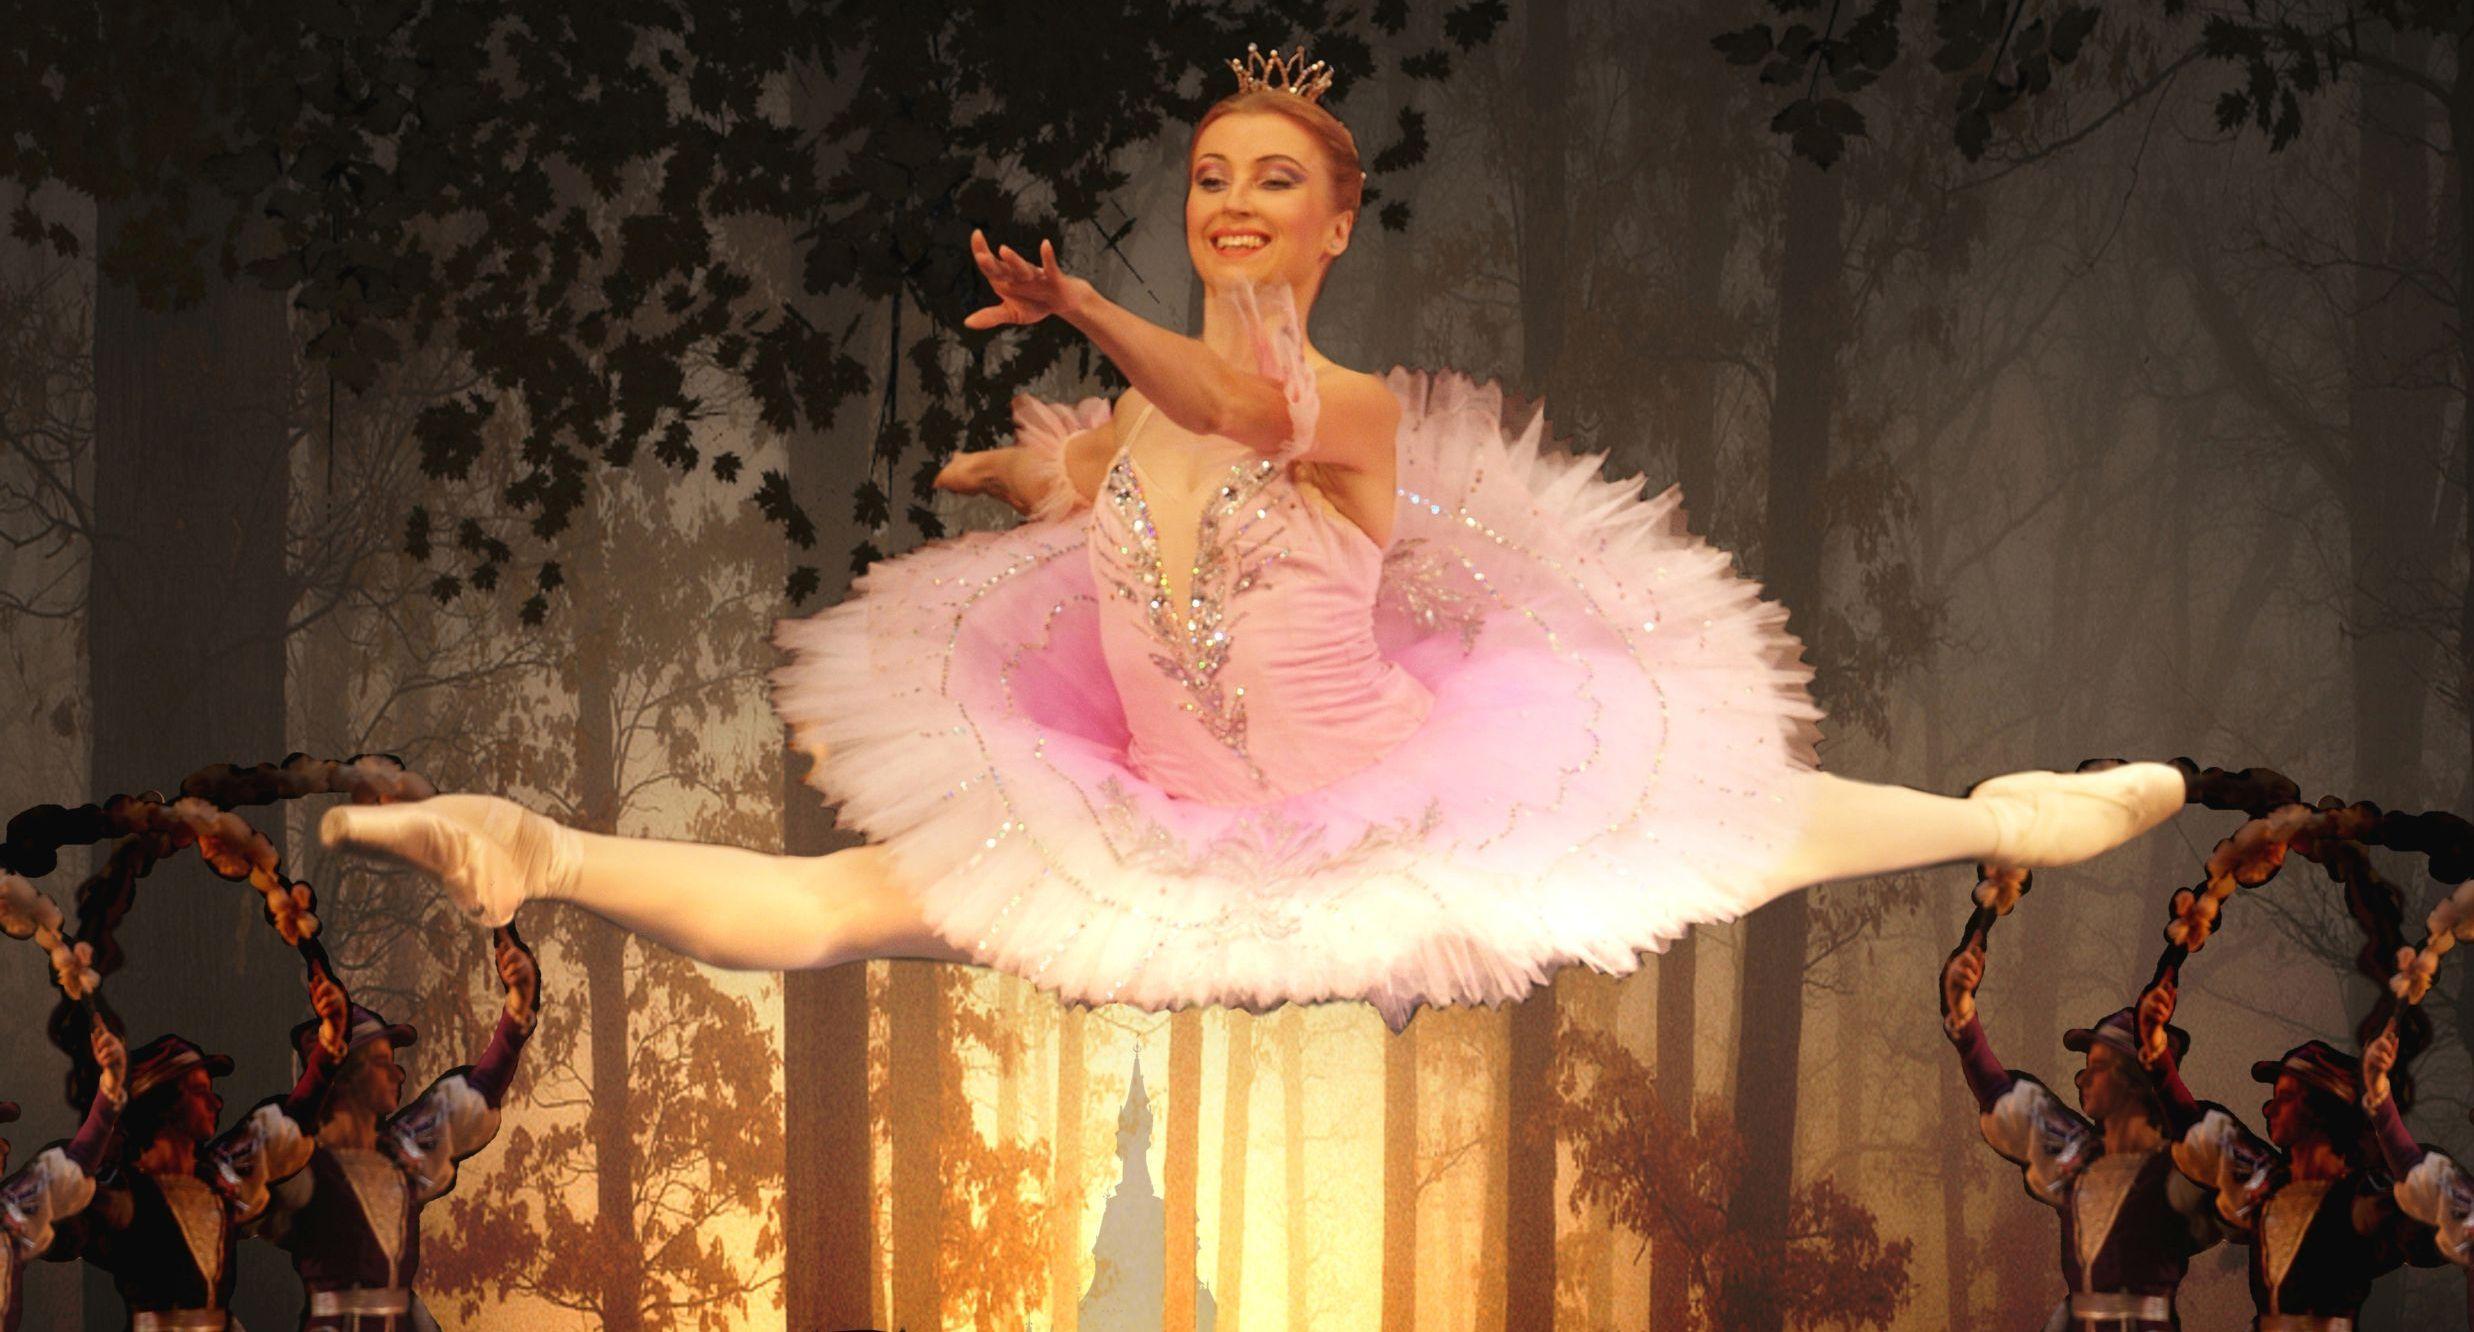 Il BALLETTO DI MOSCA al Teatro Bonci di Cesena, venerdì 25 novembre 2011